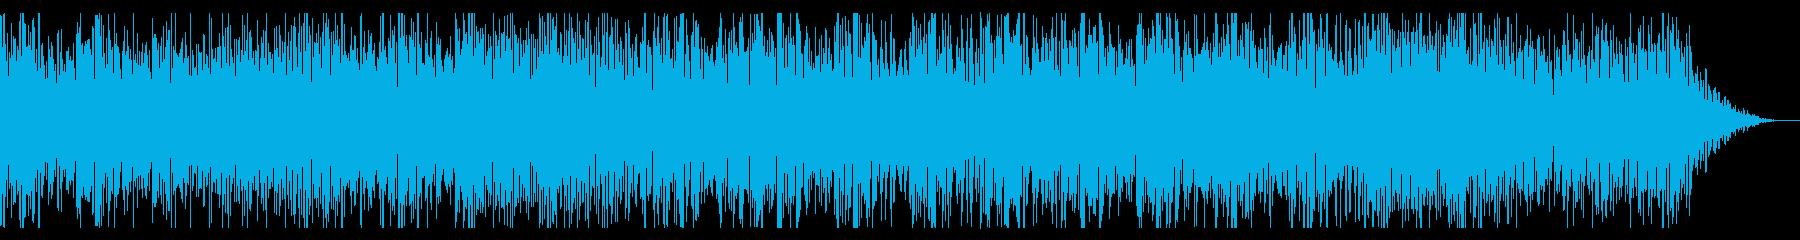 生録ギターカフェ系ボッサ楽曲の再生済みの波形